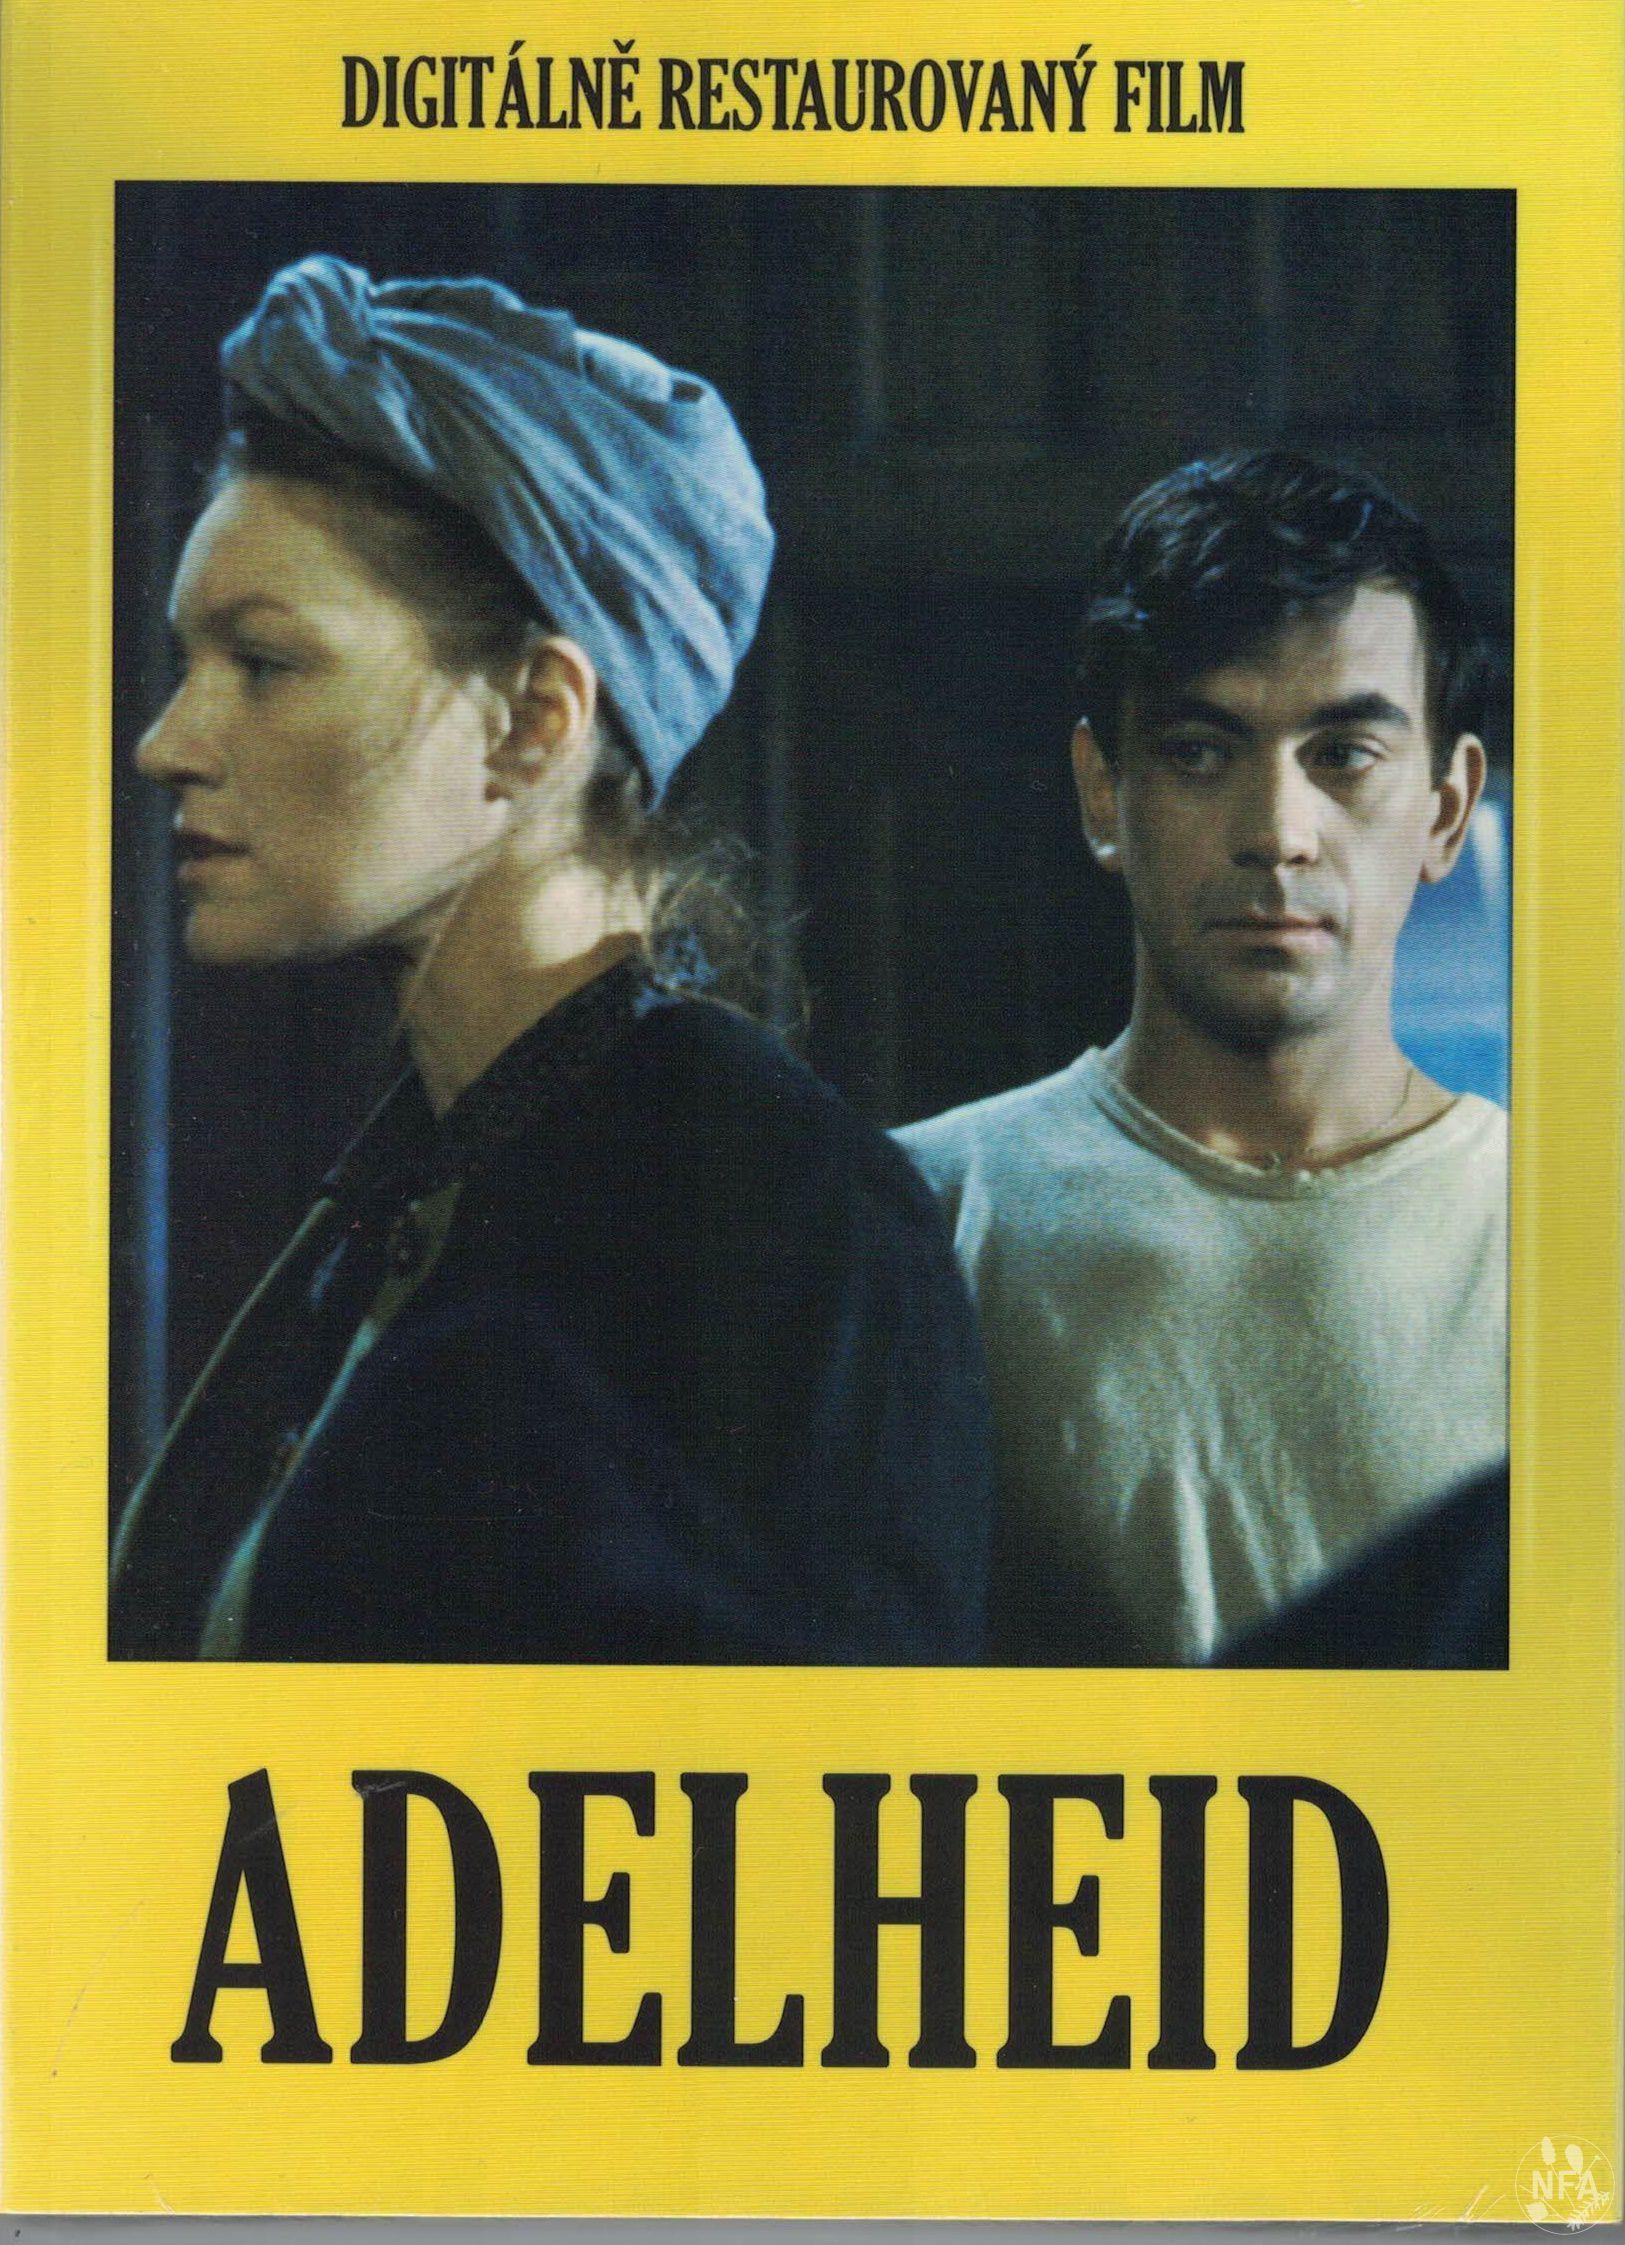 Adelheide